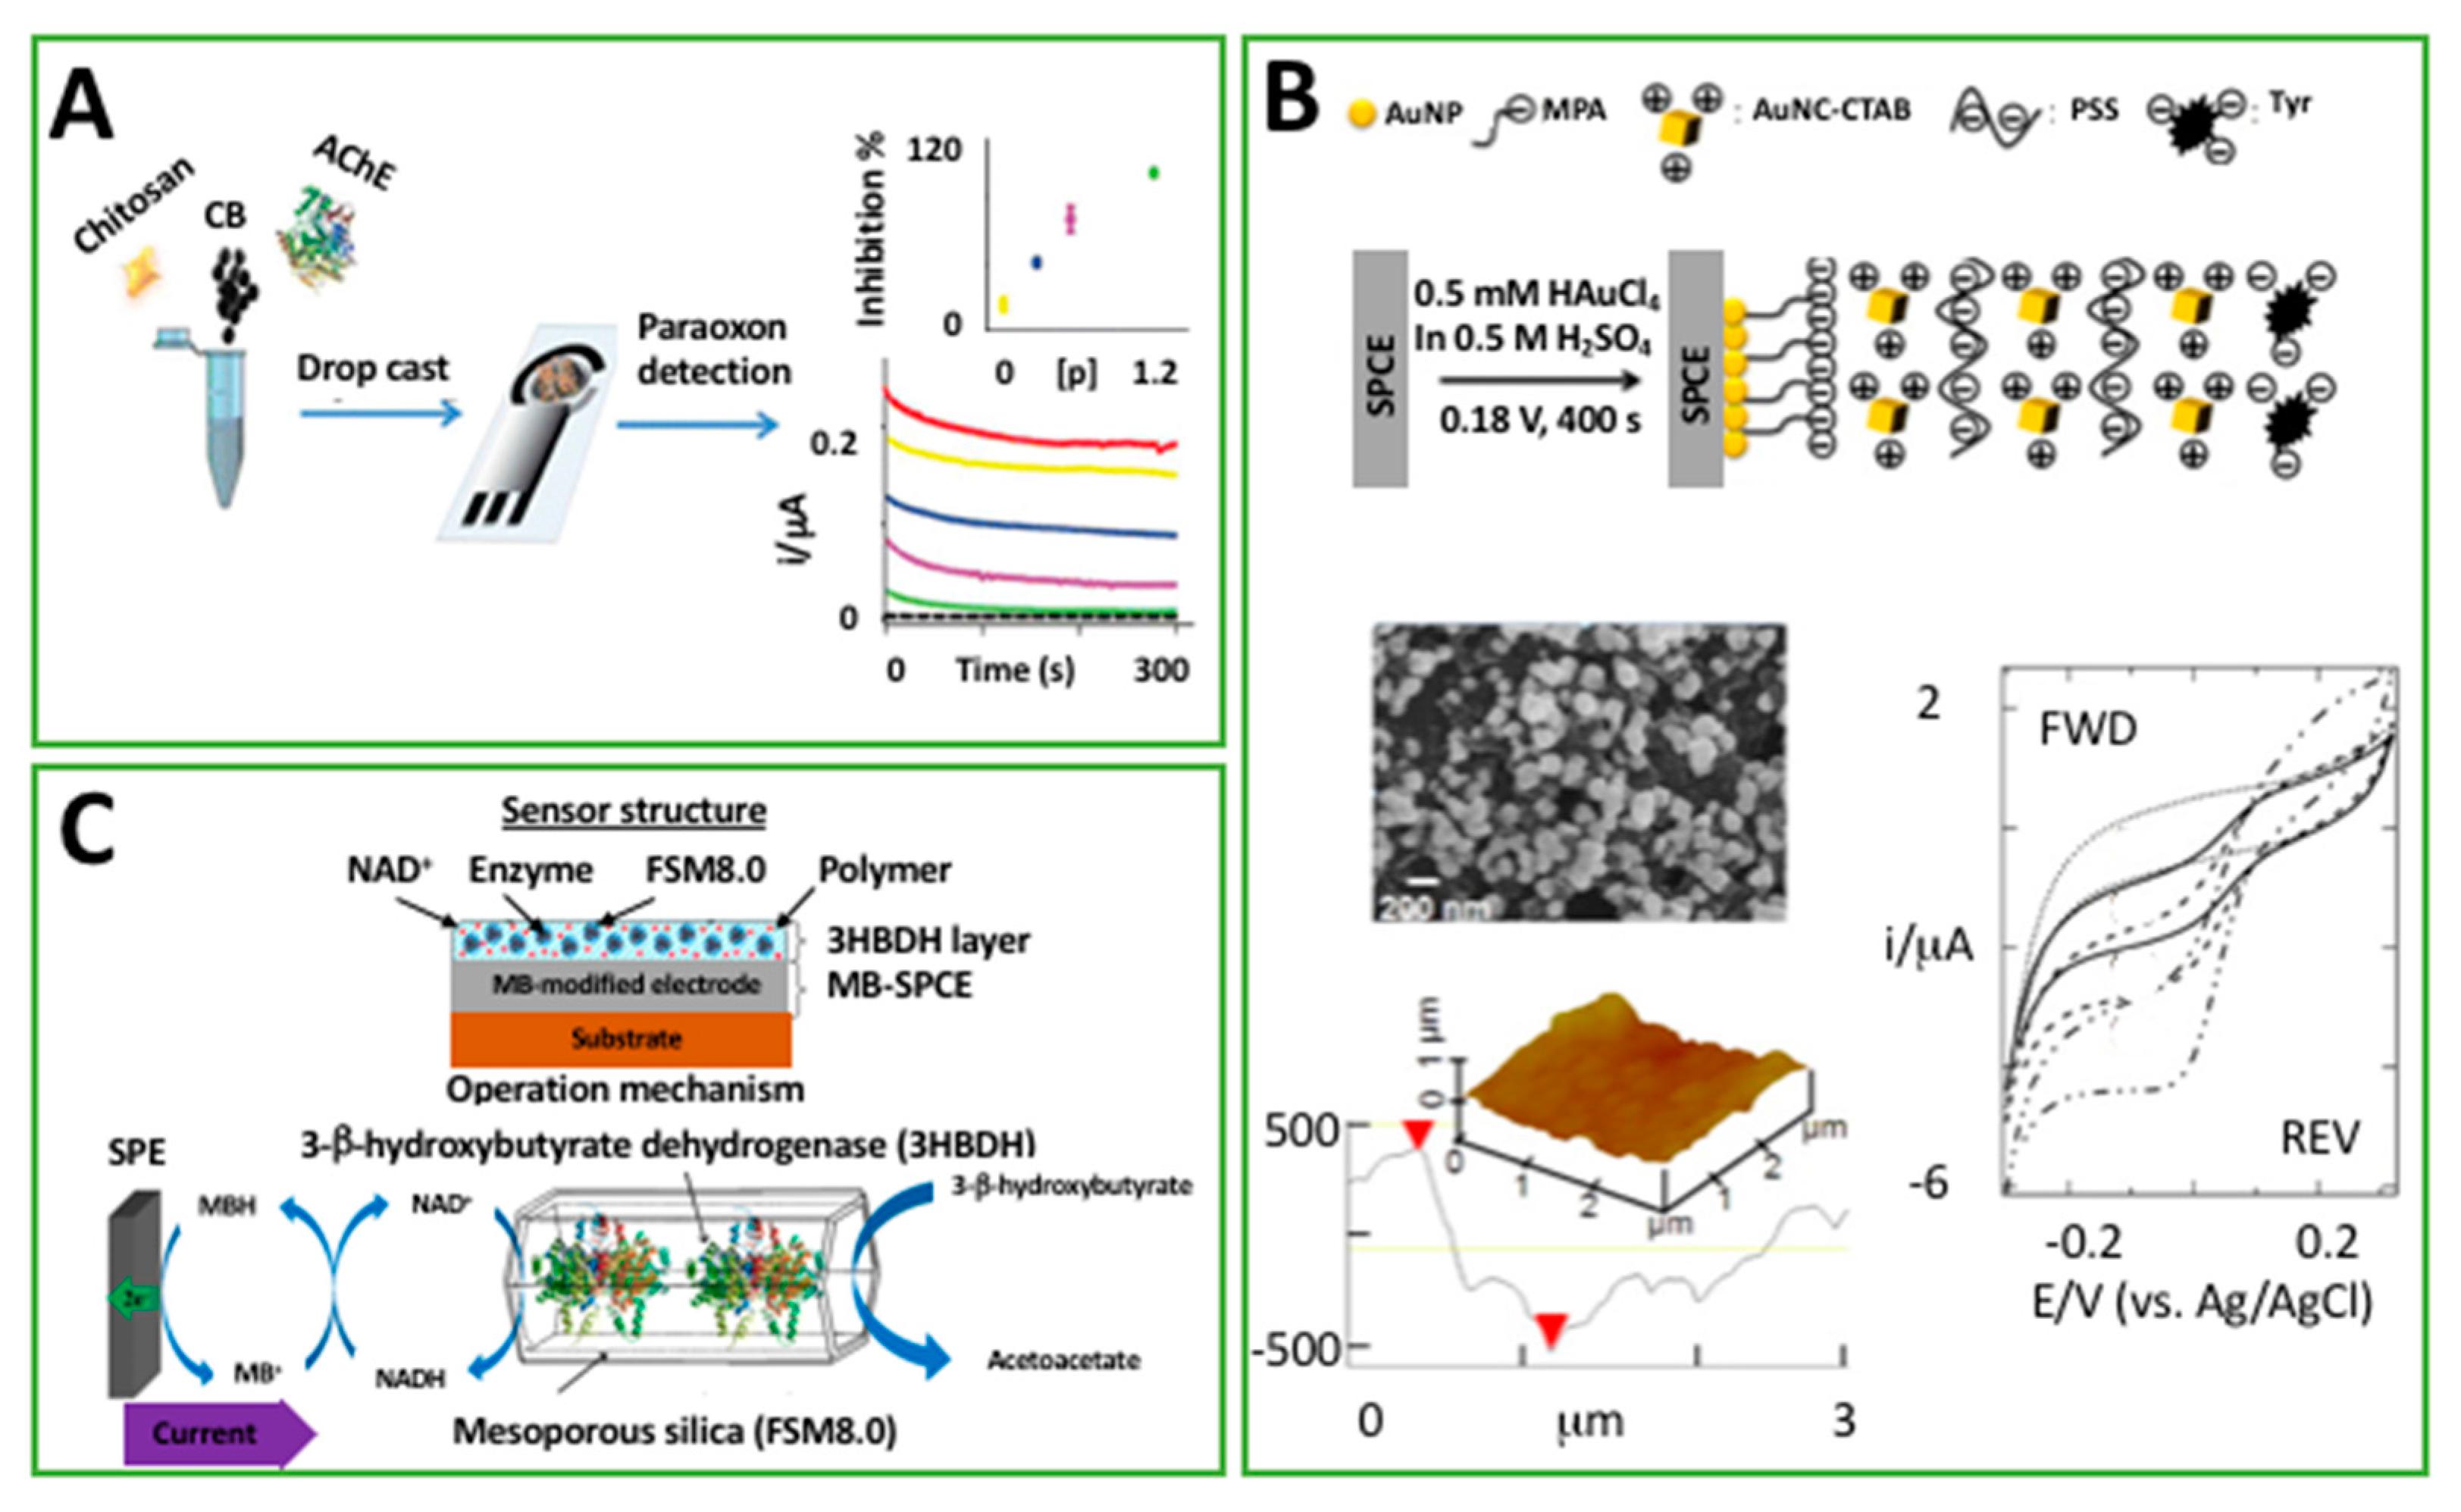 Chemosensors Free FullText Polymeric Materials For Printed - Biodot Net Developer Cover Letter